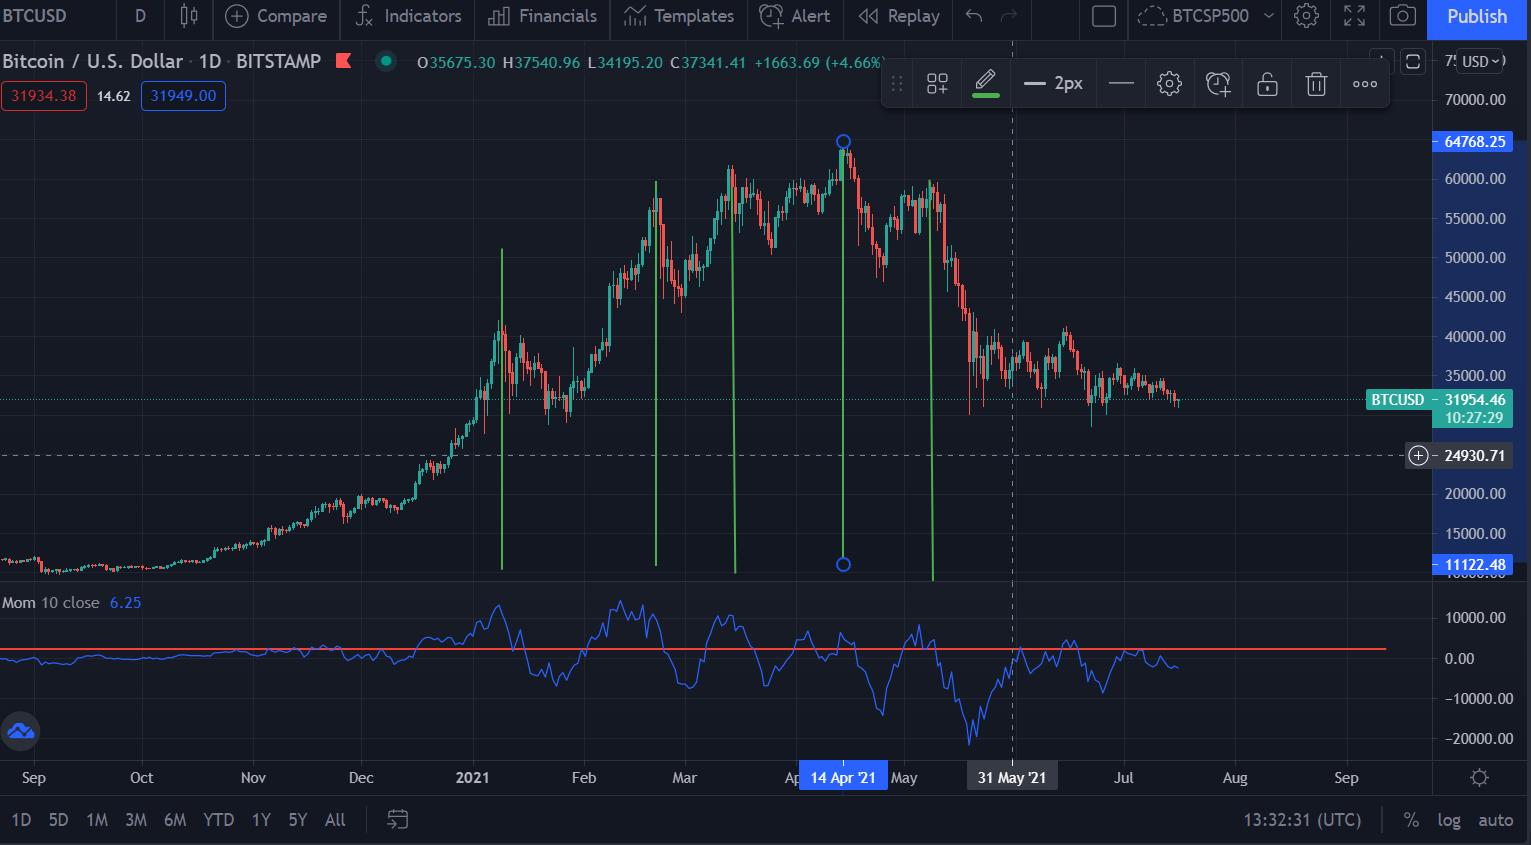 Indicador Momentum  do BTC como interpretar no gráfico